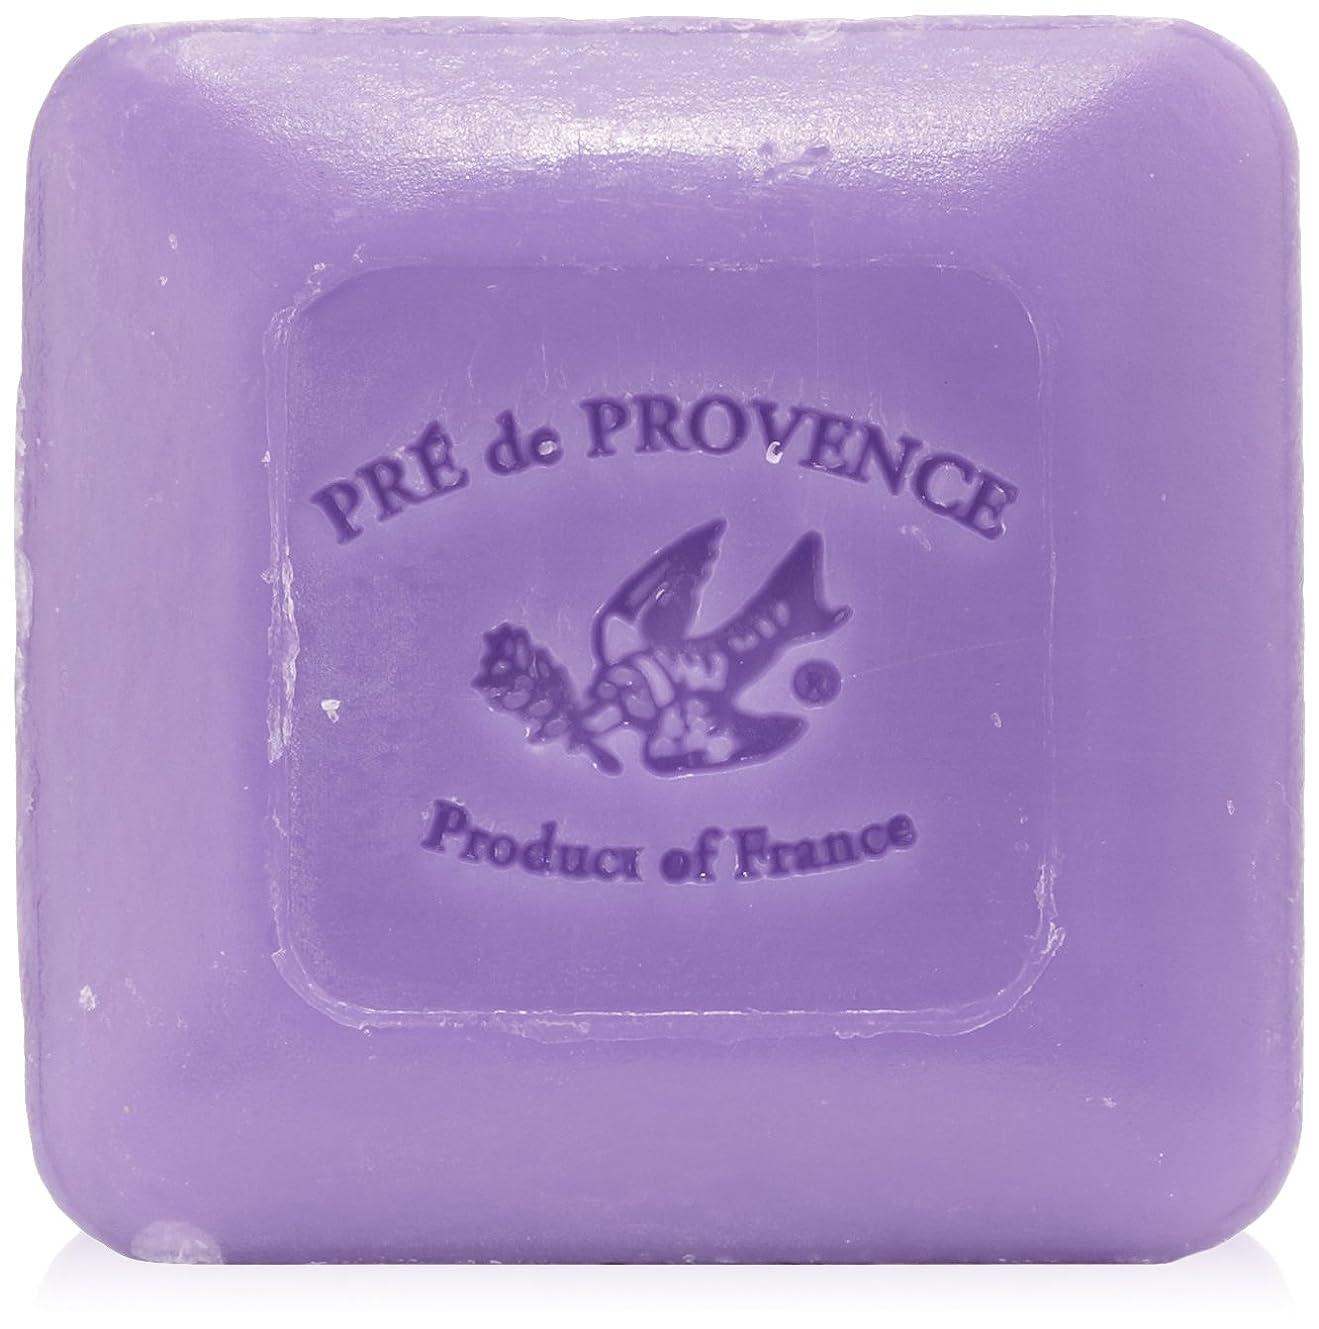 スリンク寛大な合図PRE de PROVENCE シアバター エンリッチドソープ ギフトパック ジャスミン JASMIN プレ ドゥ プロヴァンス Shea Butter Enriched Soap